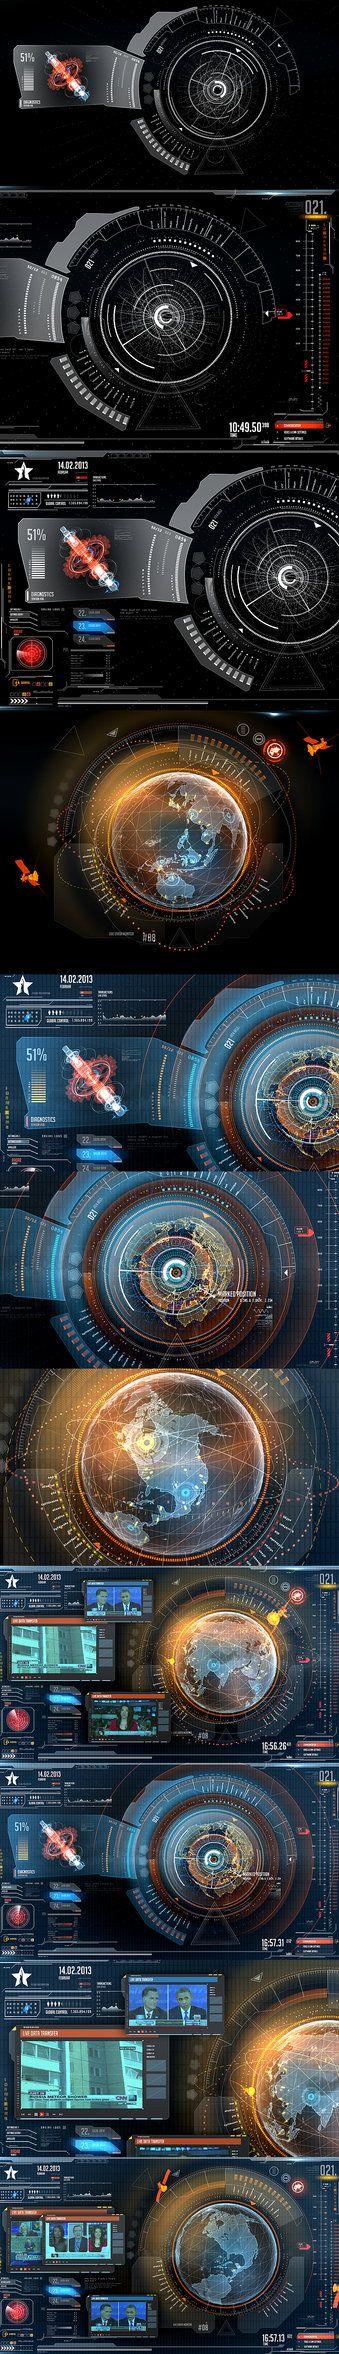 2RISE - FUTURE INTERFACE !